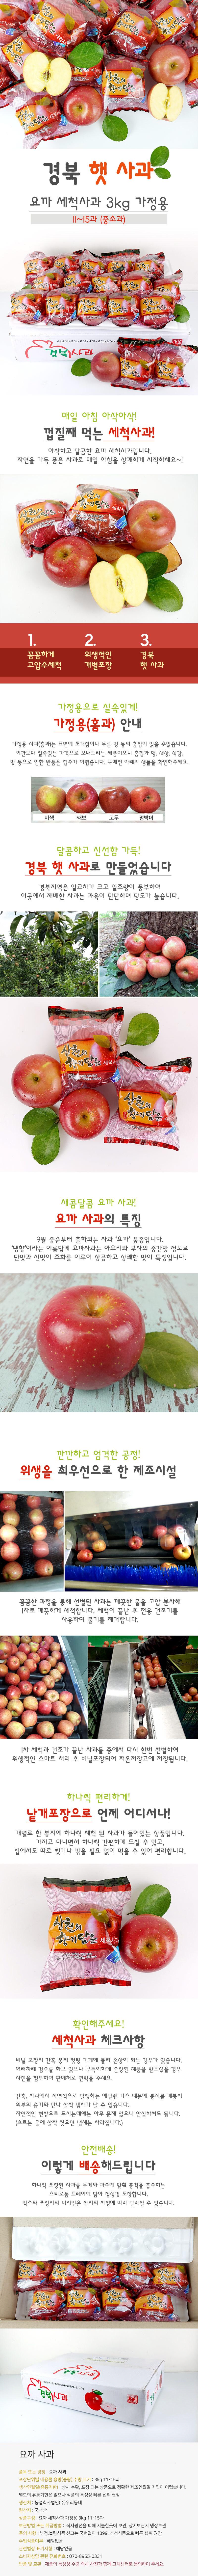 clear_apple_ryo_3kg.jpg